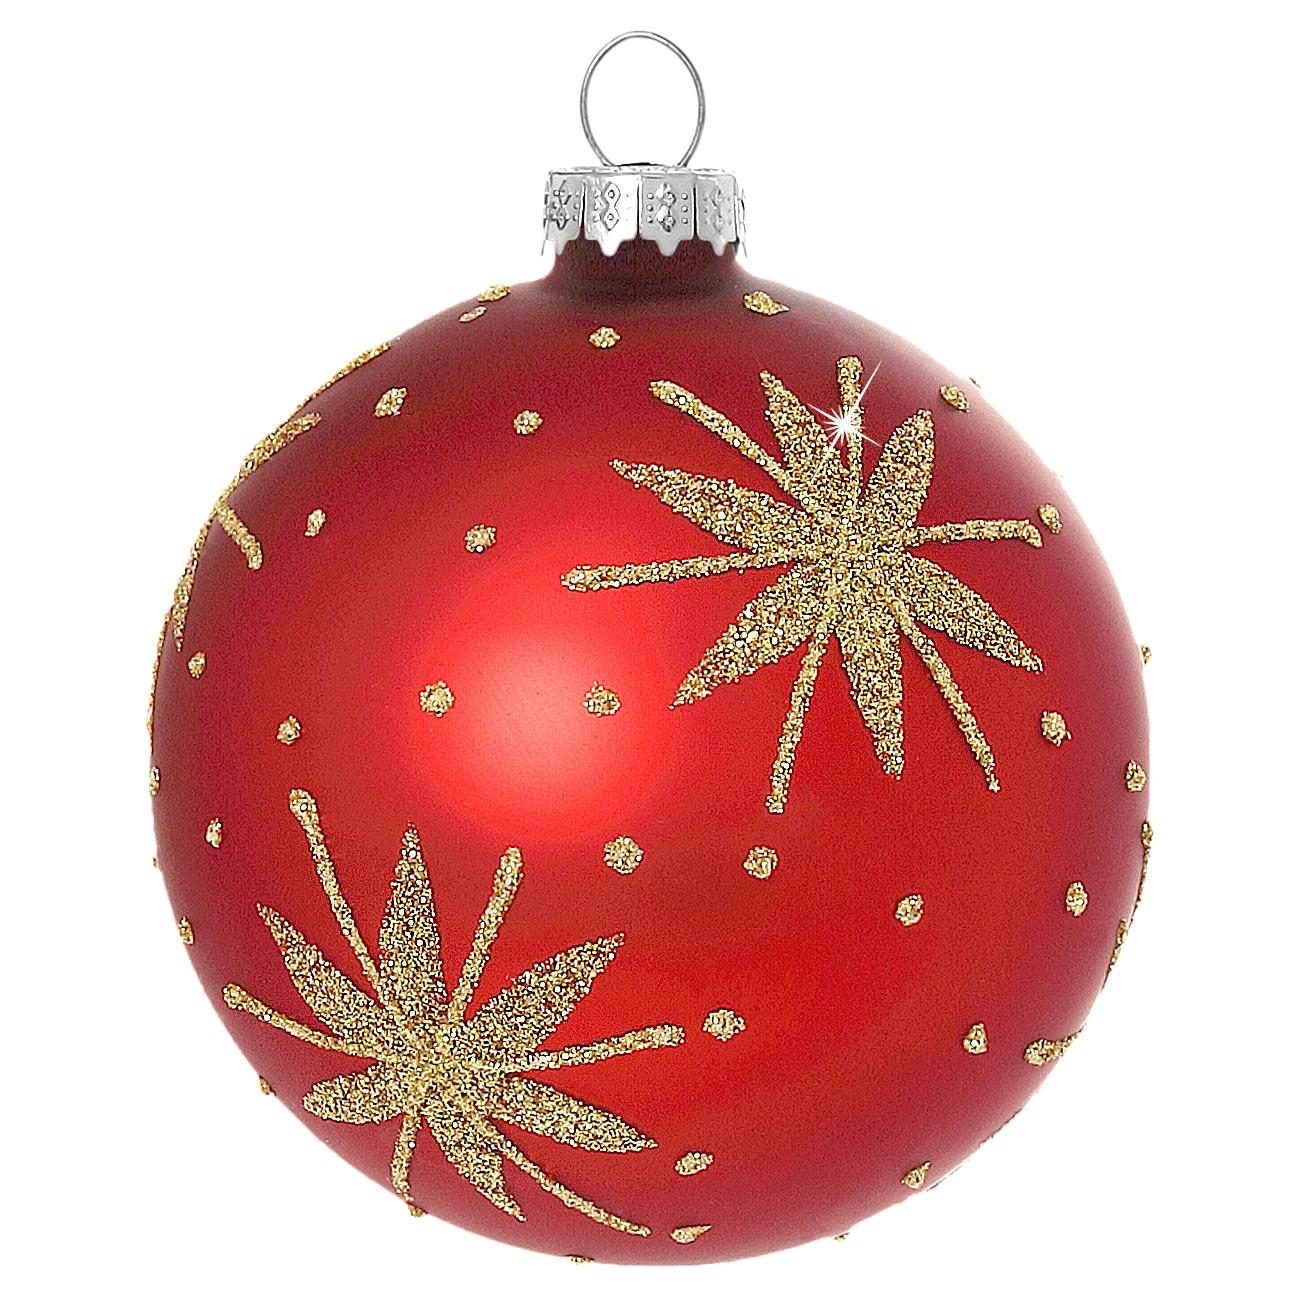 sikora christbaumkugeln aus glas mit klassischer verzierung stary night rot 4er set. Black Bedroom Furniture Sets. Home Design Ideas